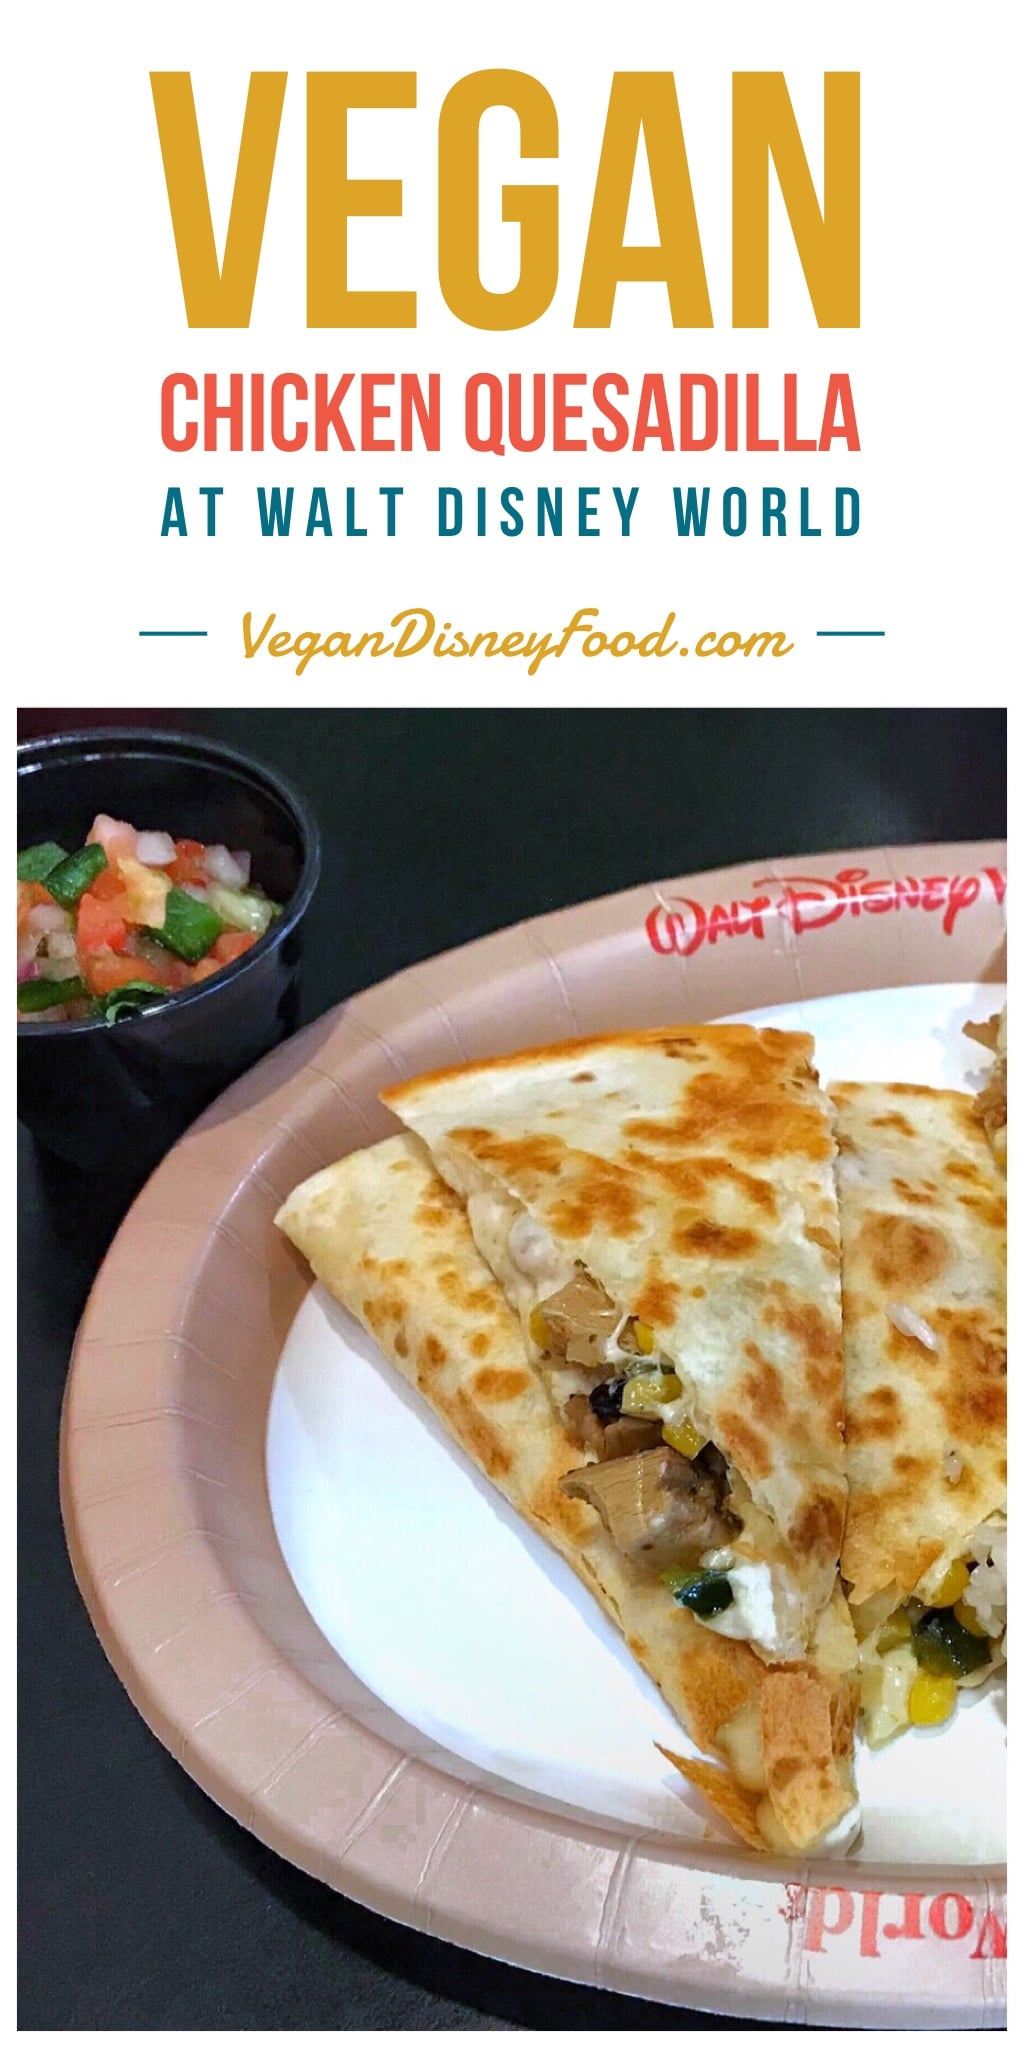 Vegan Chicken Quesadilla at All Star Sports Resort in Walt Disney World